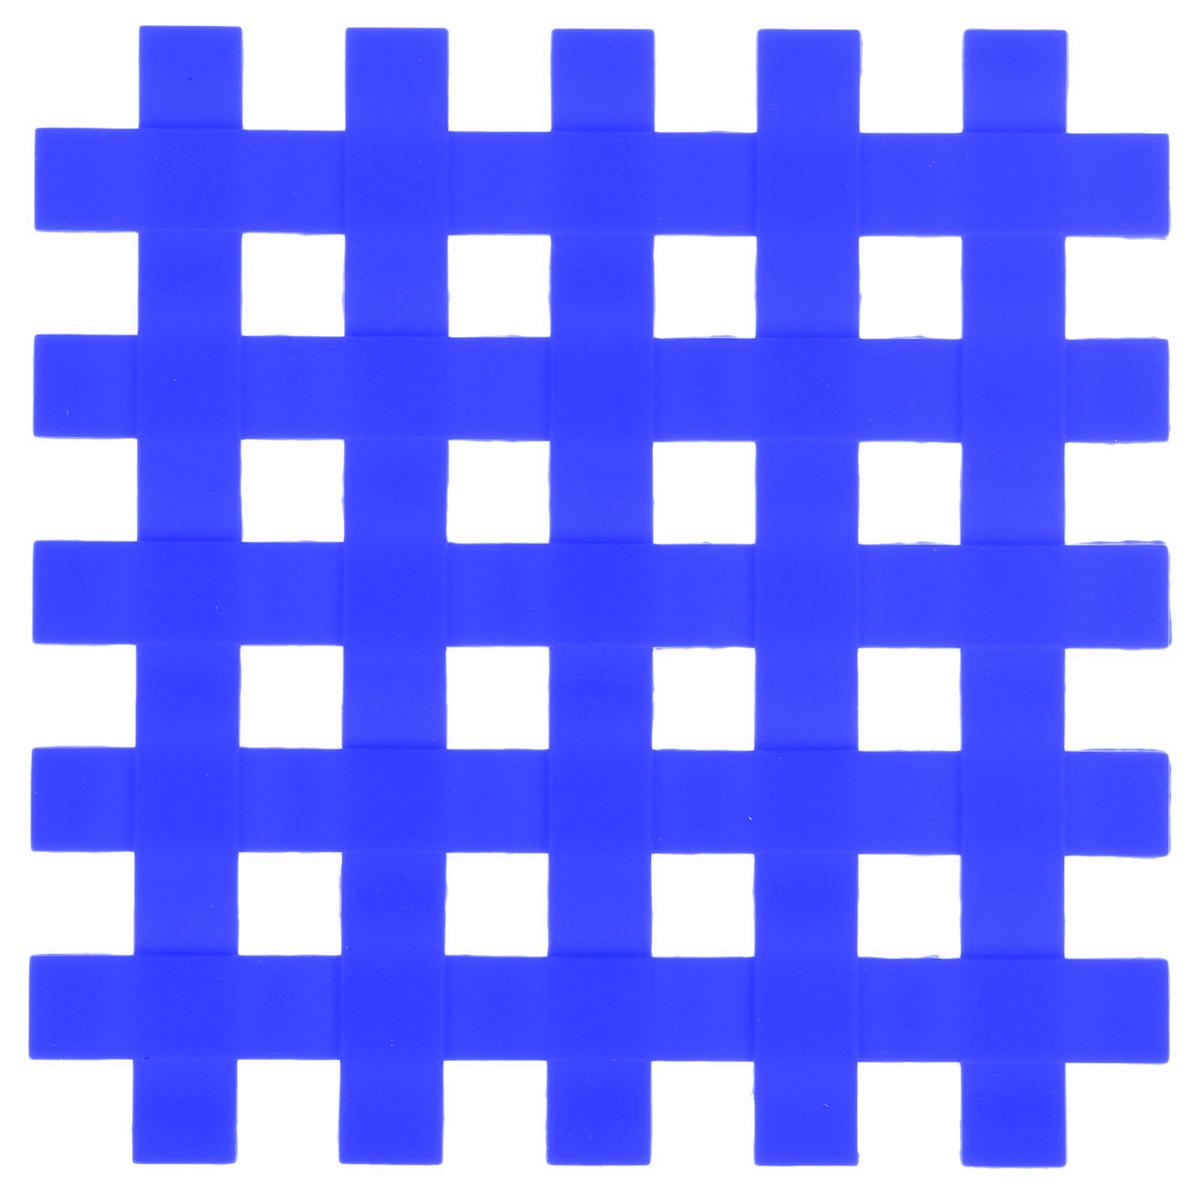 Подставка под горячее Доляна Клетка, цвет: синий, 17 см811893_синий_синийСиликоновая подставка под горячее — практичный предмет, который обязательно пригодится в хозяйстве. Изделие поможет сберечь столы, тумбы, скатерти и клеёнки от повреждения нагретыми сковородами, кастрюлями, чайниками и тарелками.